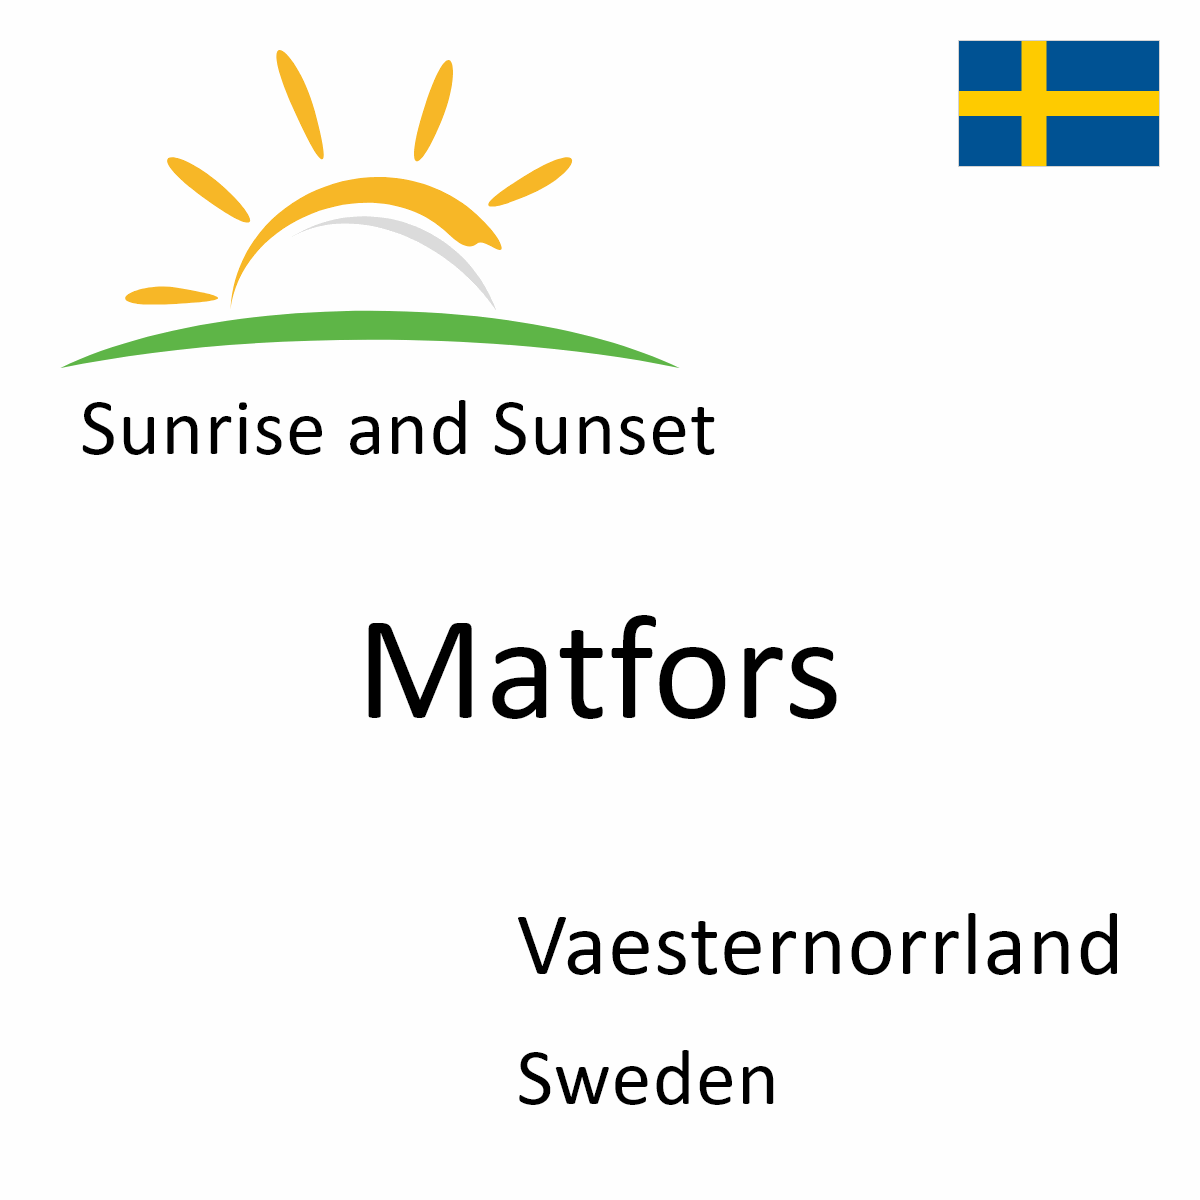 Matfors dating sweden